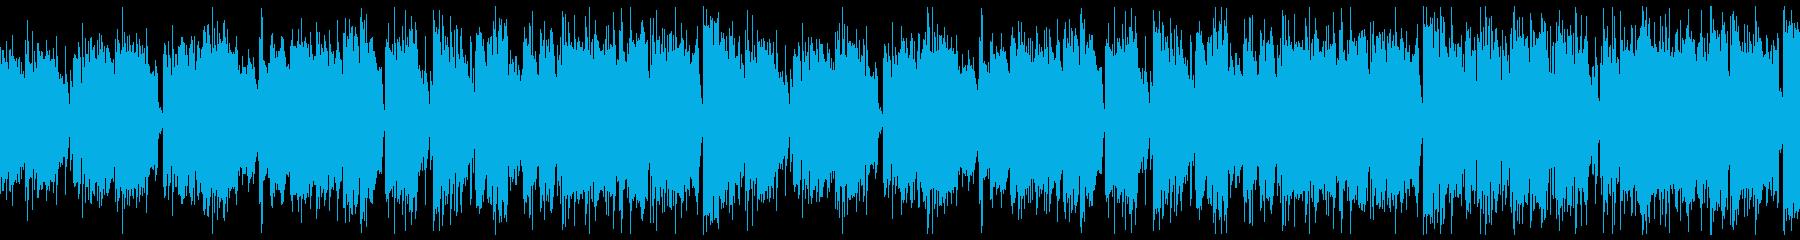 CM・おしゃれなシニア・ジャズ・ループの再生済みの波形